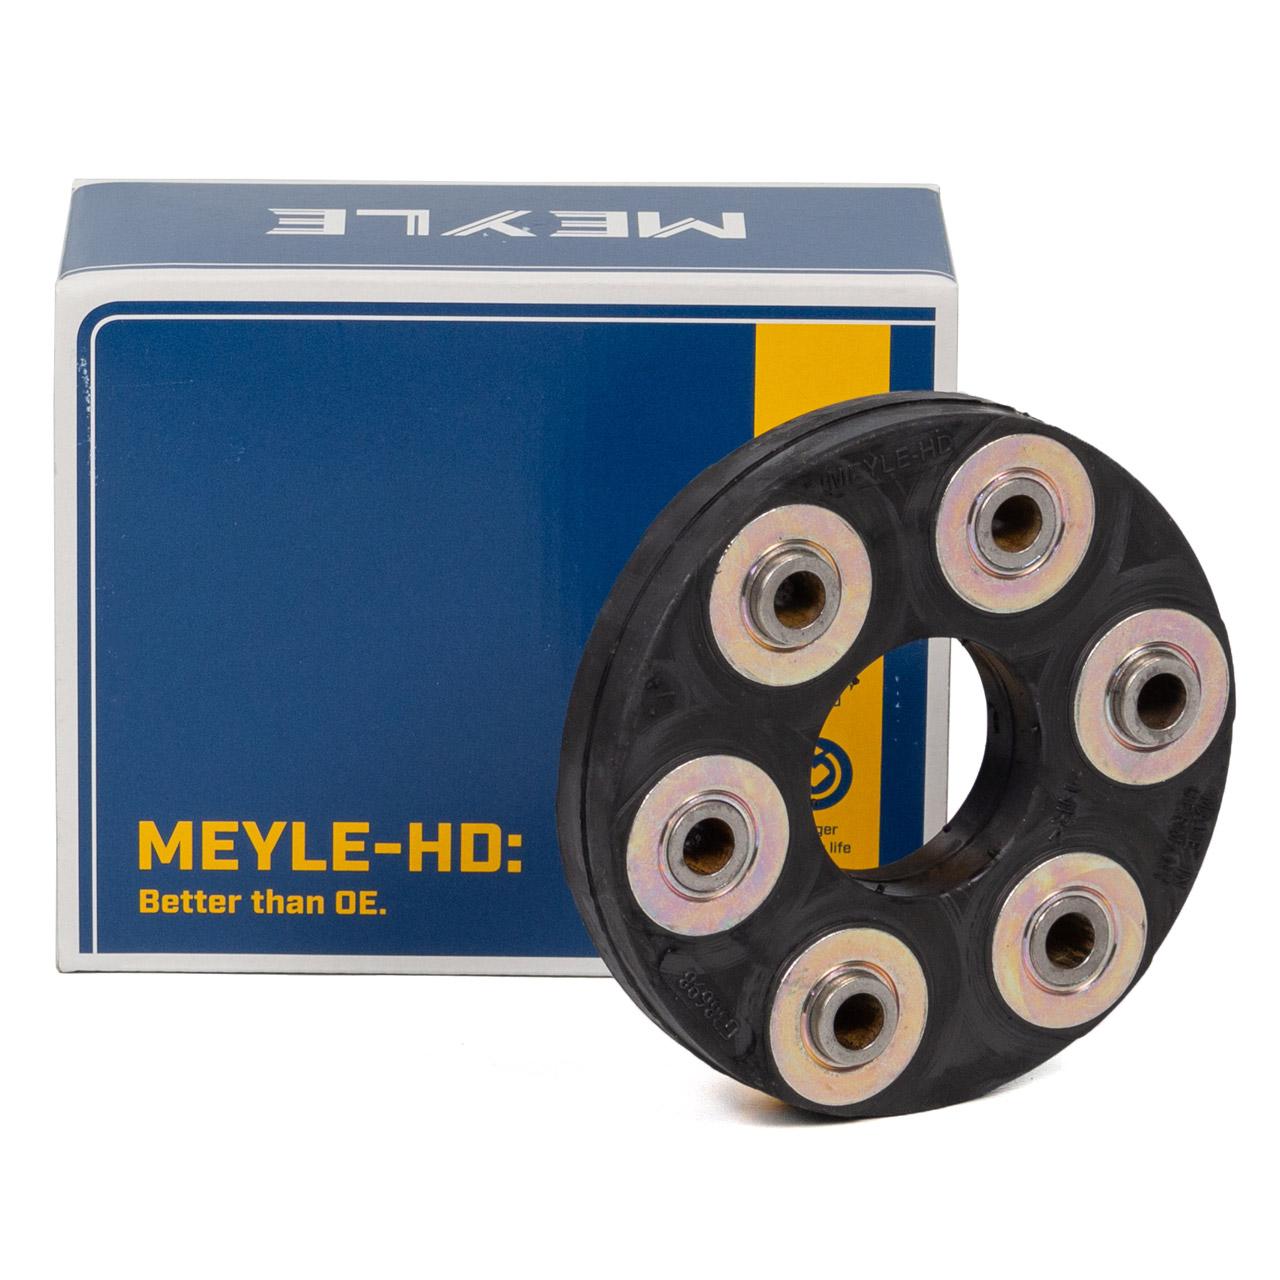 MEYLE HD 0141523115HD VERSTÄRKT Gelenkscheibe MERCEDES W114 W115 W123 S/C123 1234110015